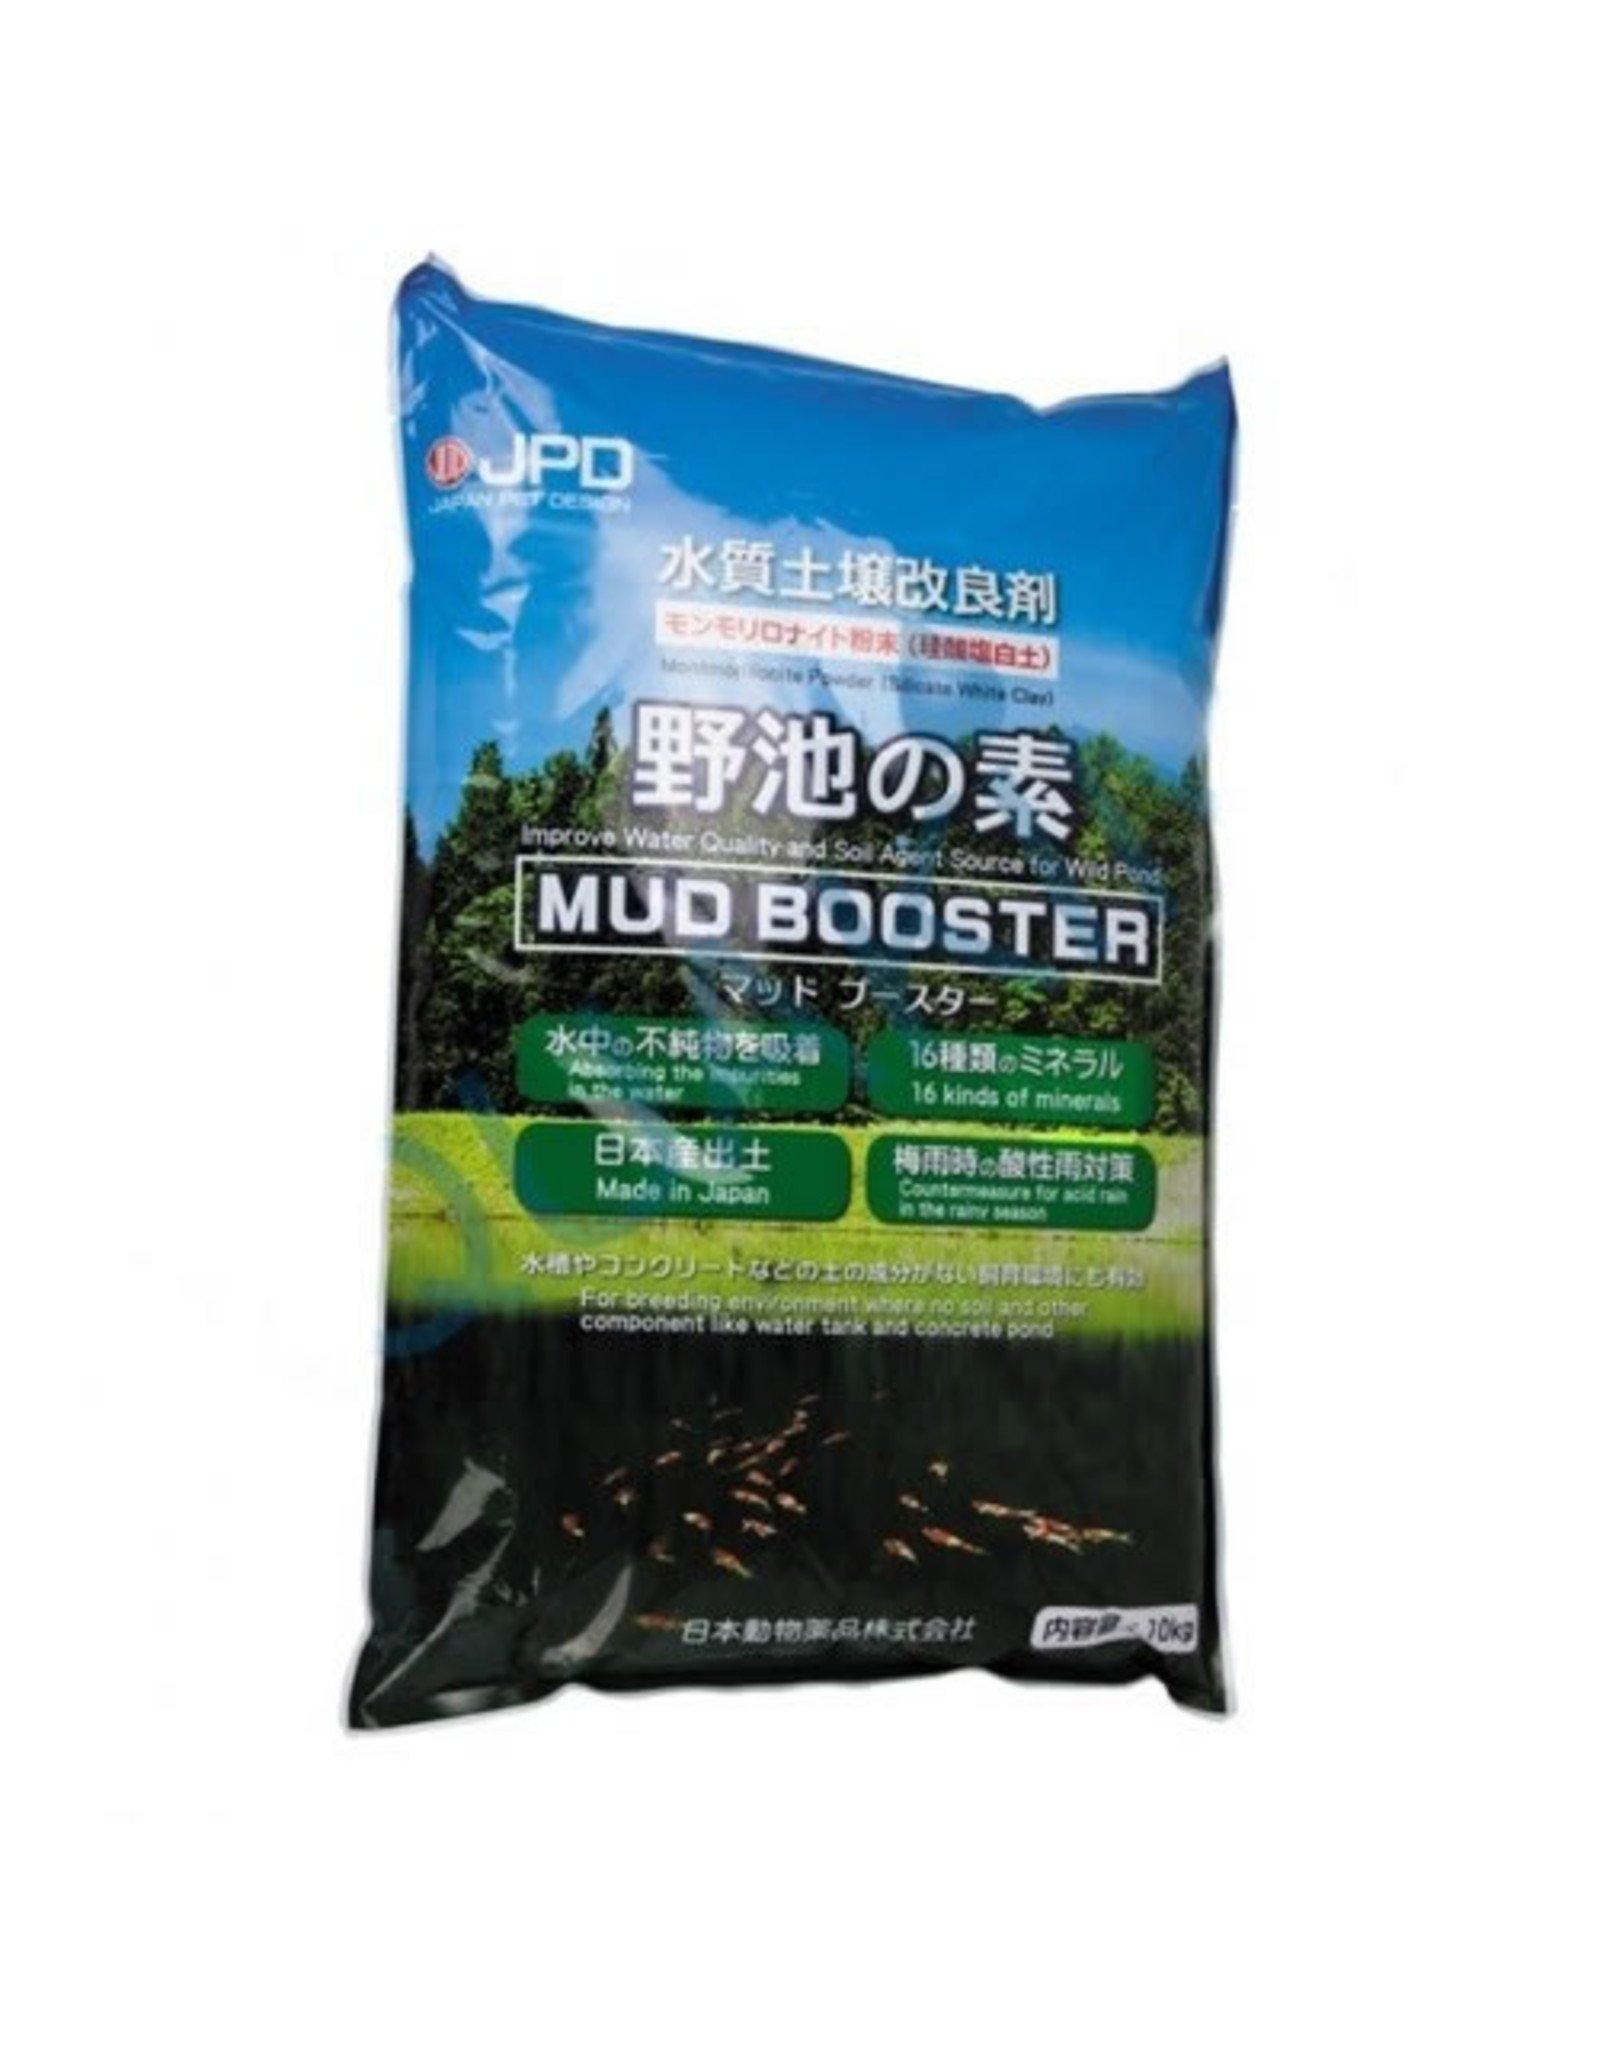 JPD JPD Mud Booster